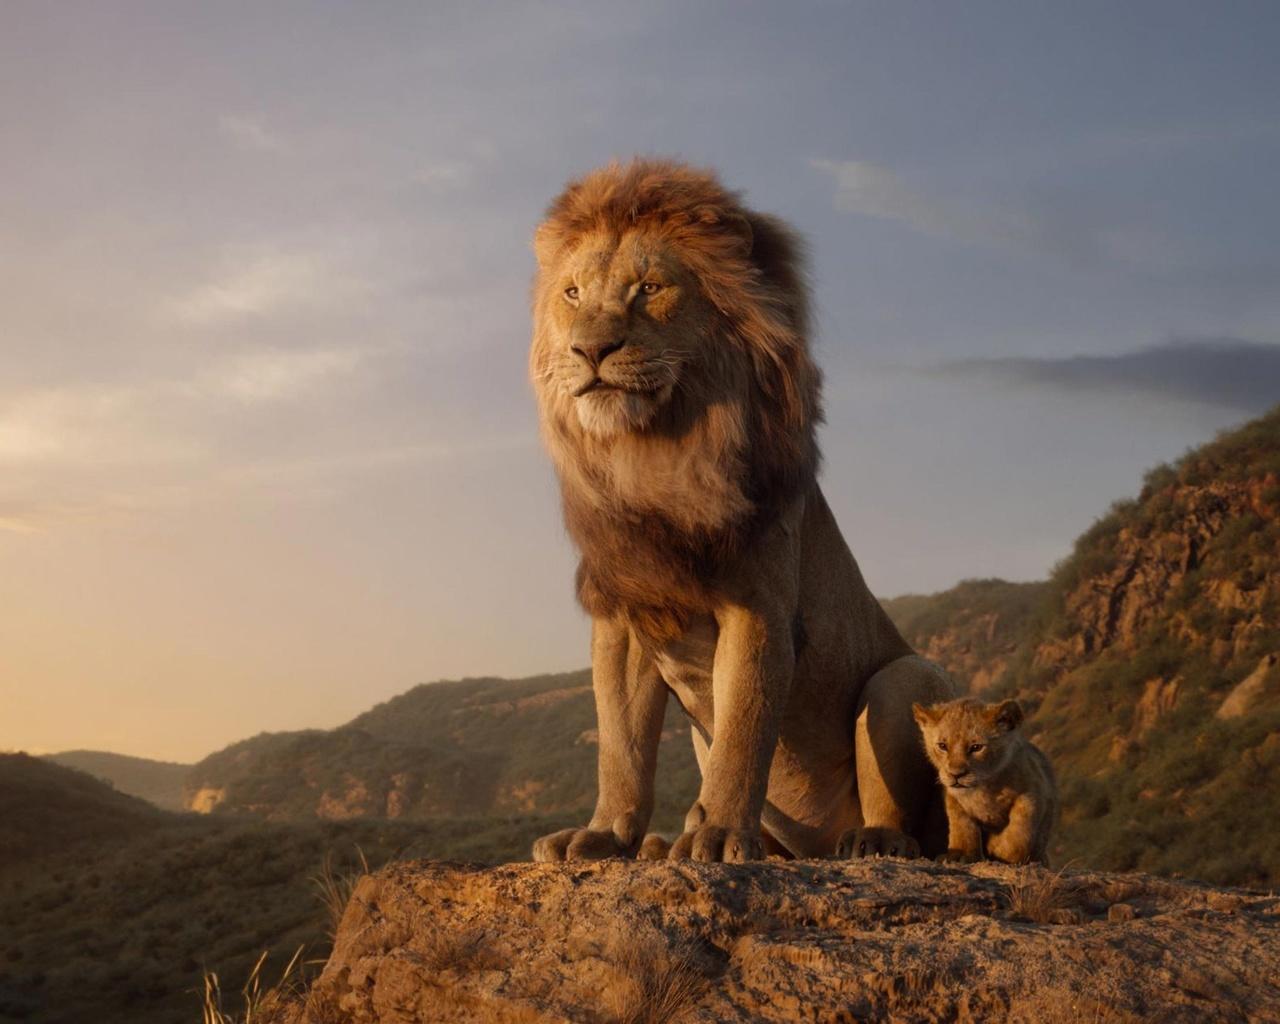 король лев, муфаса, маленький, симба, лев, львенок